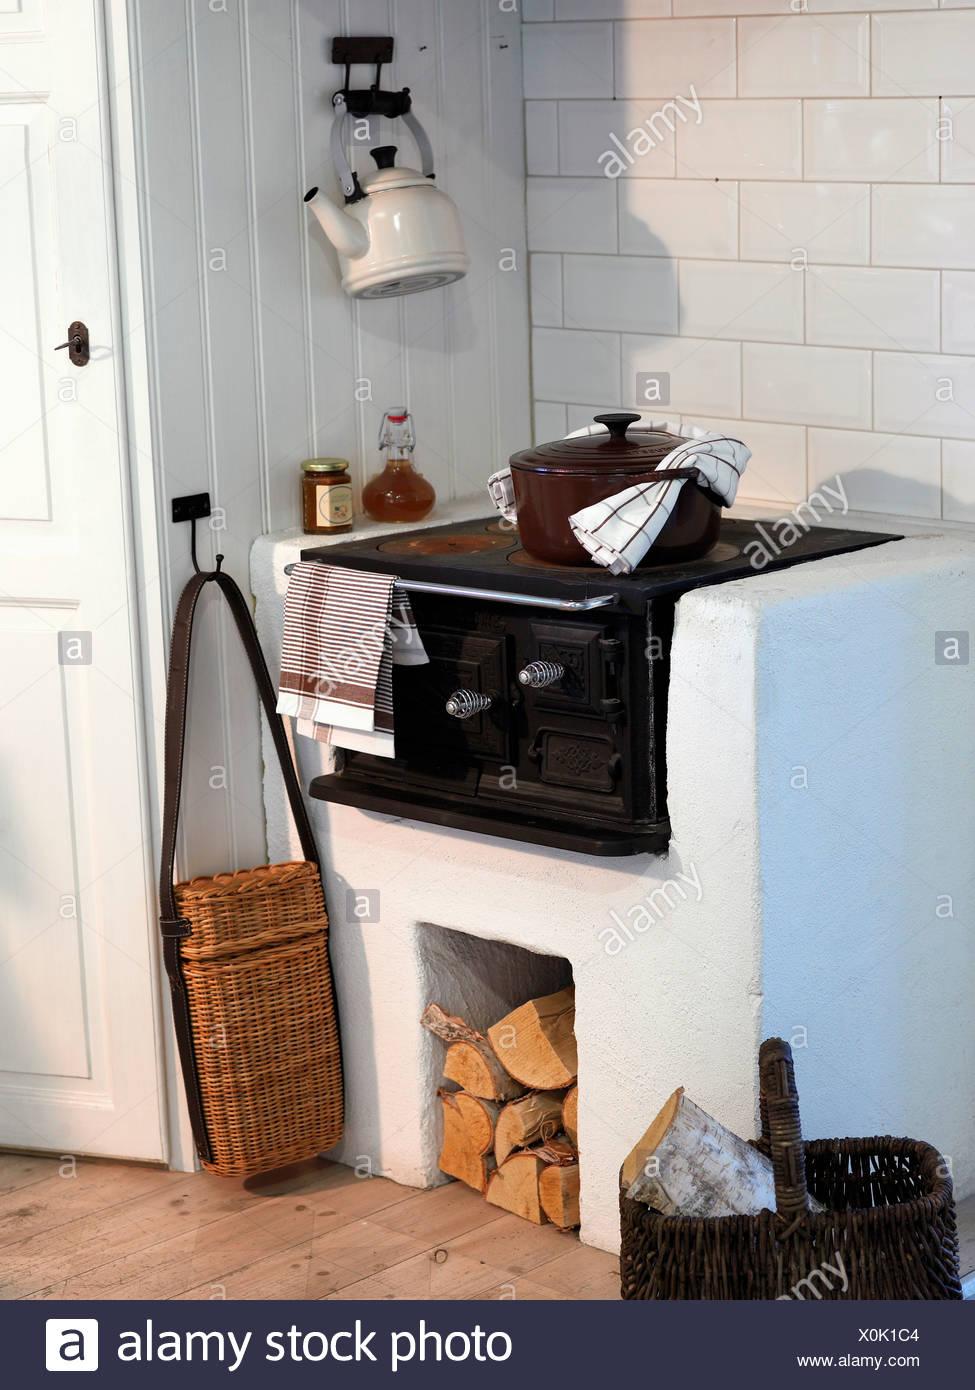 Holzofen in der Küche Stockfoto, Bild: 275784100 - Alamy